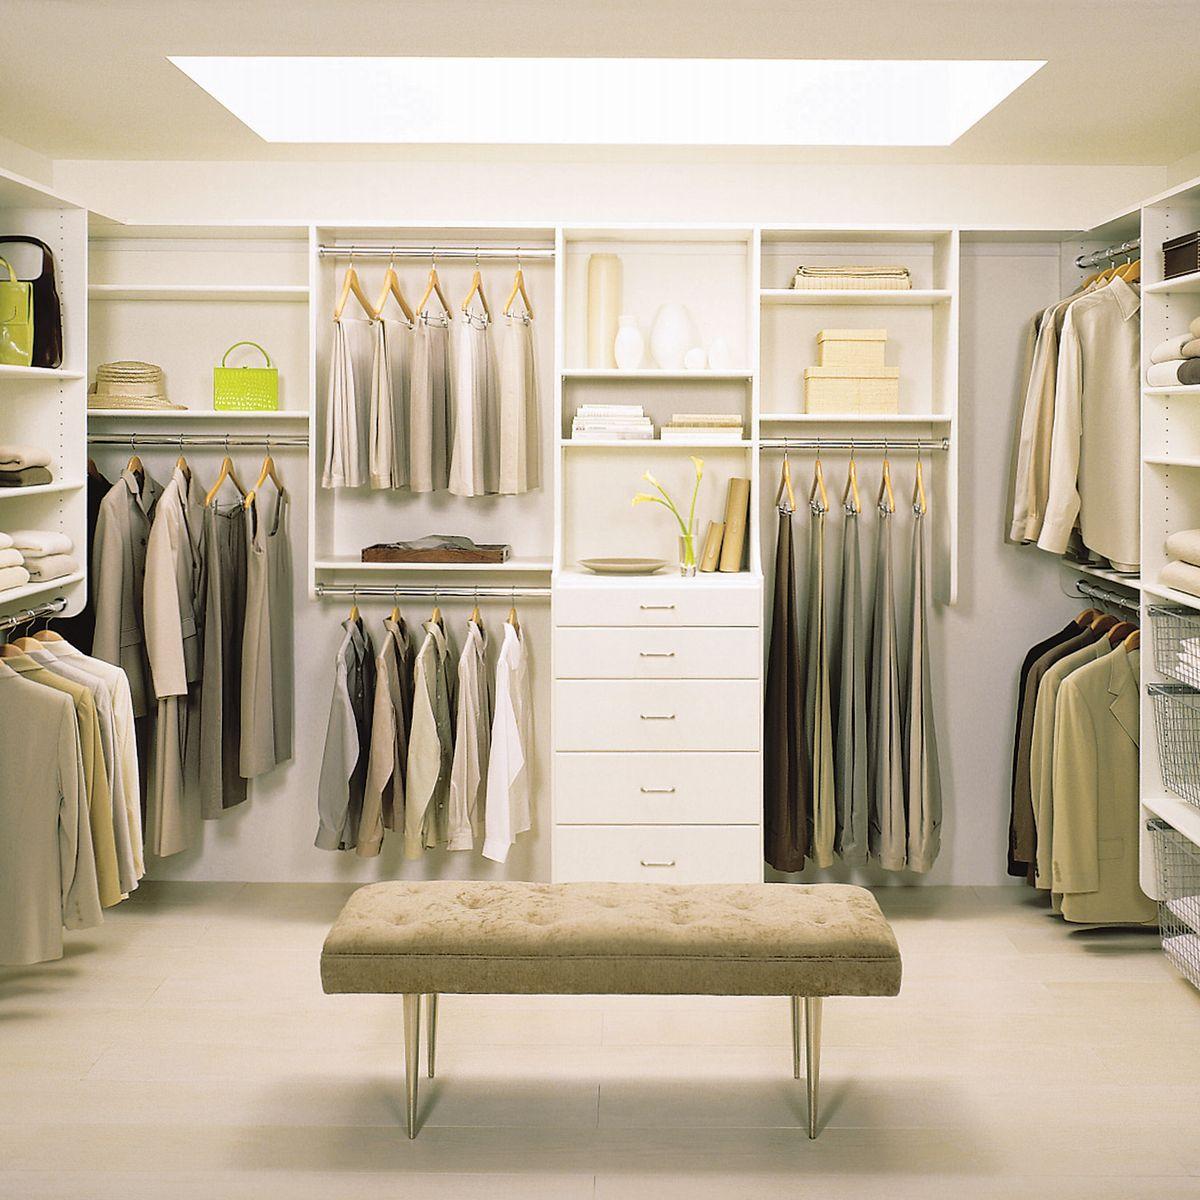 7 أفكار ممتازة لخزانة ملابس منظمة دائمًا